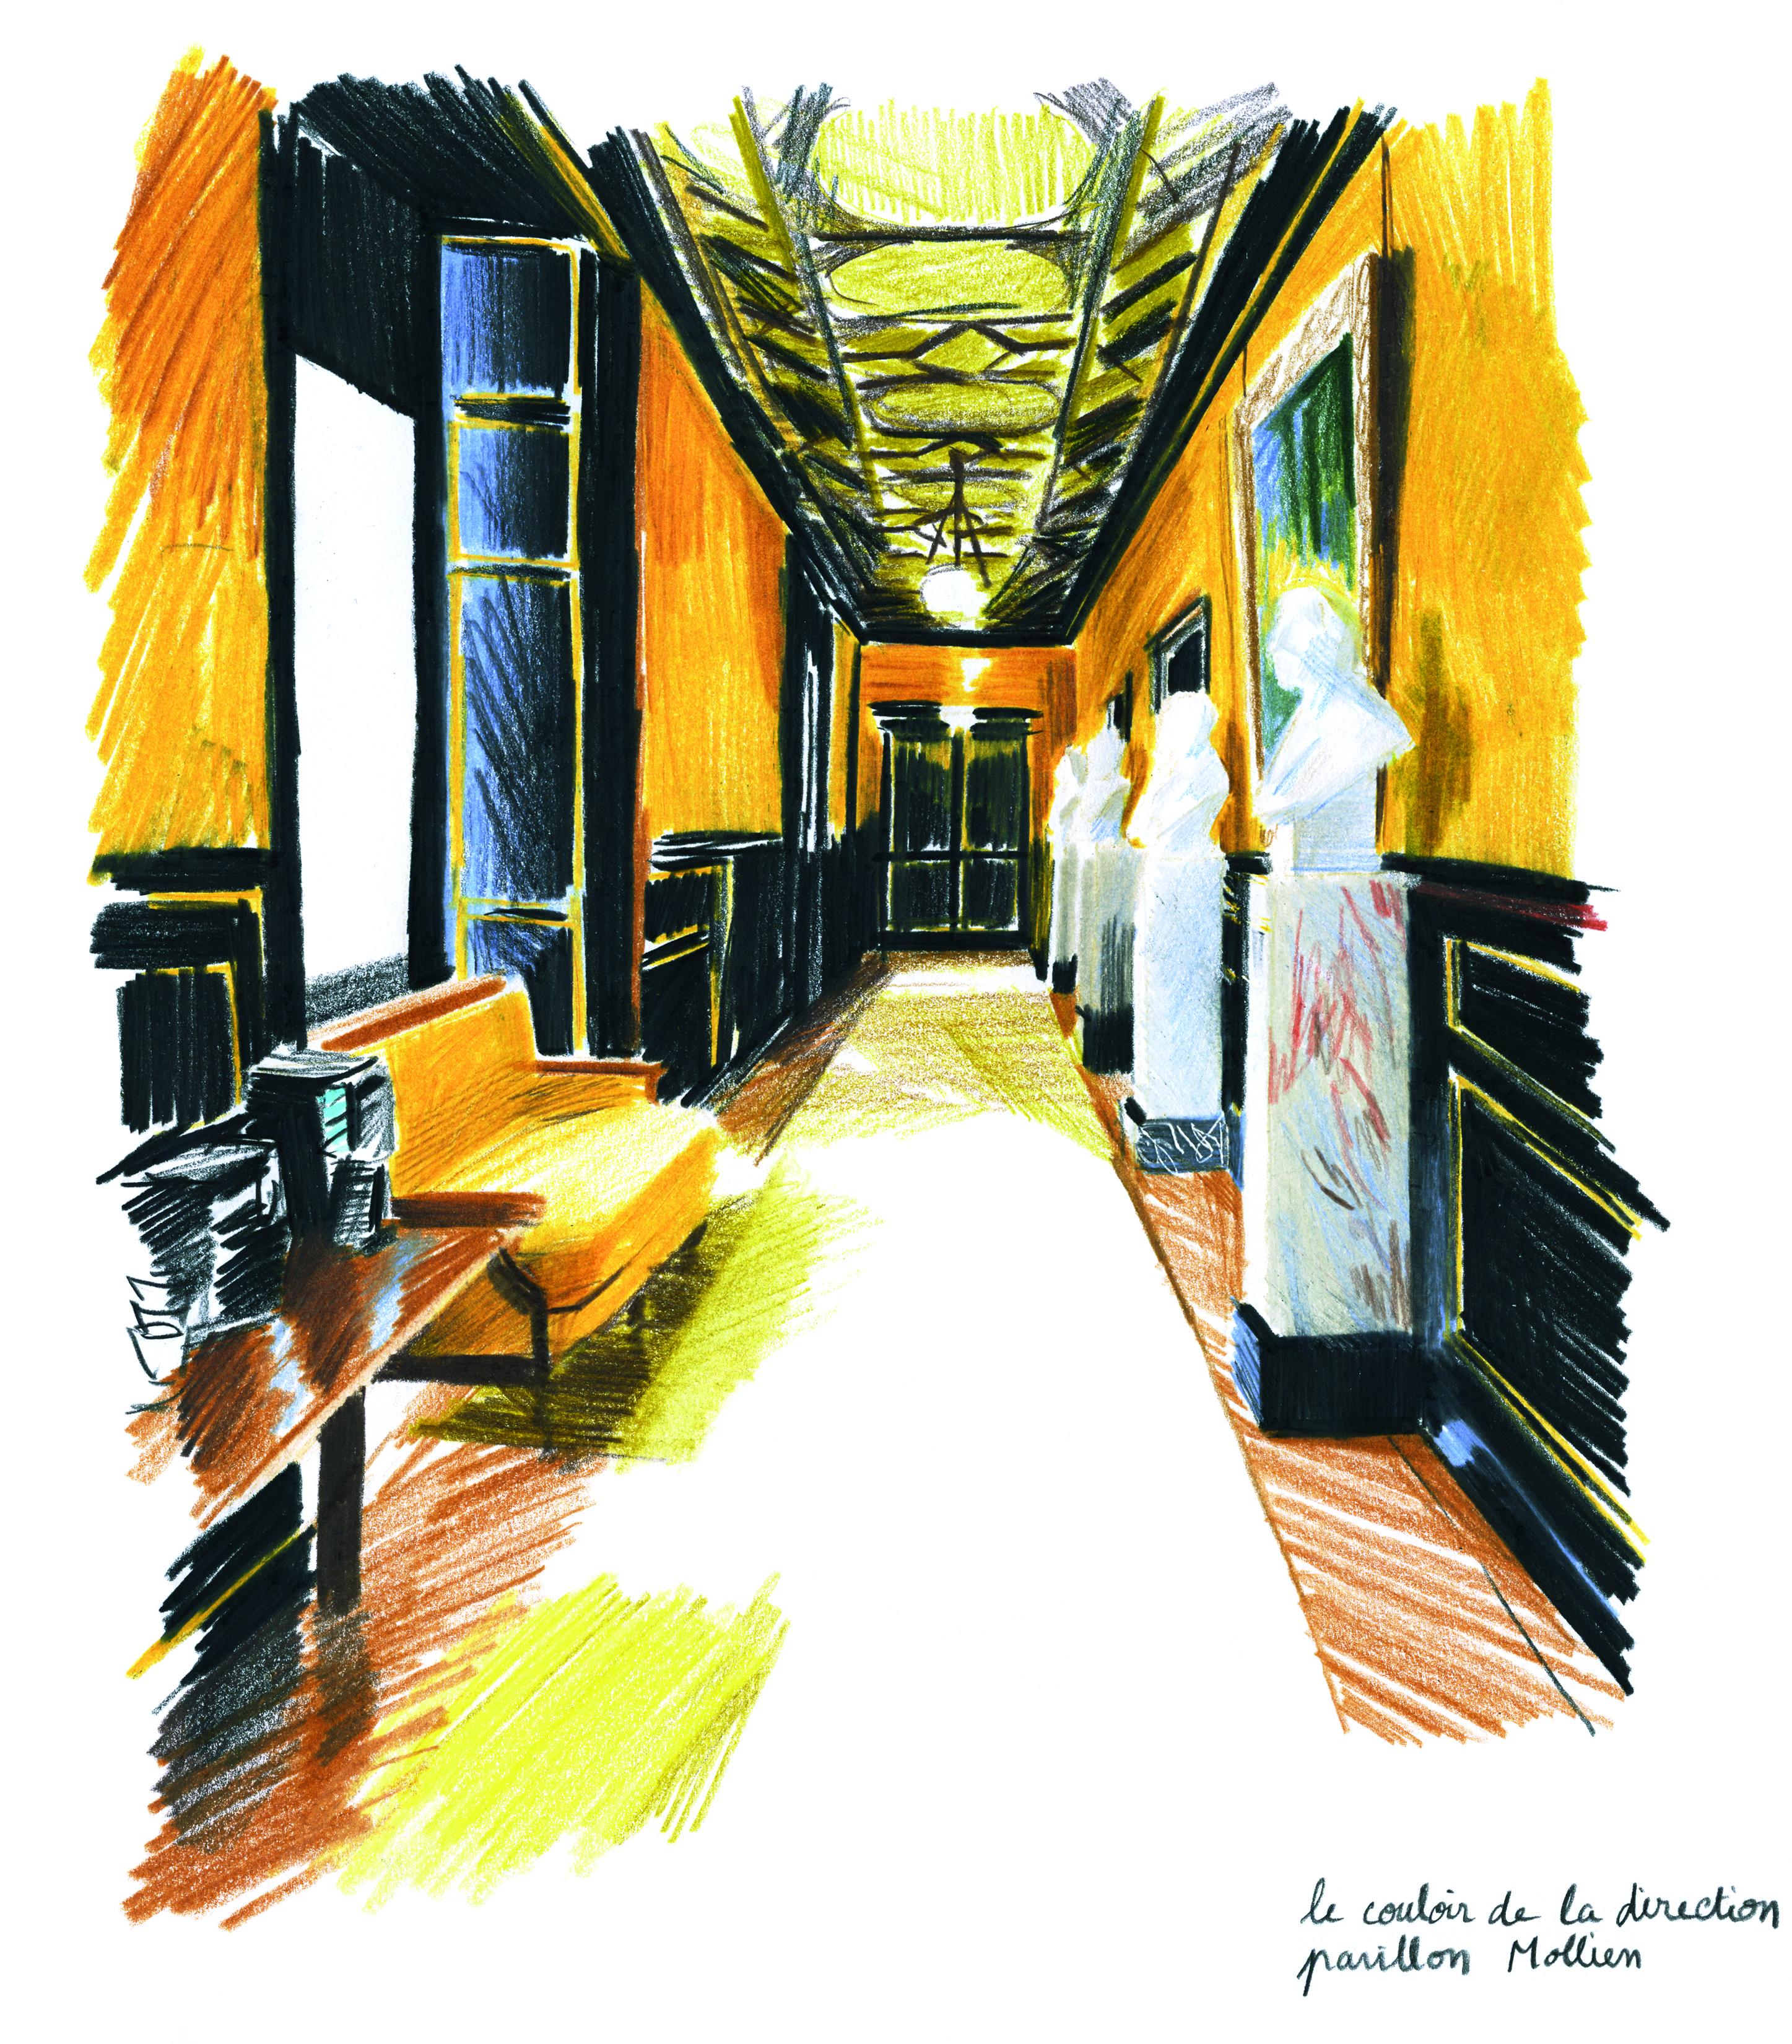 Le couloir de la direction, pavillon Mollien | GALERIE TREIZE-DIX I LUCILE PIKETTY | Le couloir de la direction, pavillon Mollien